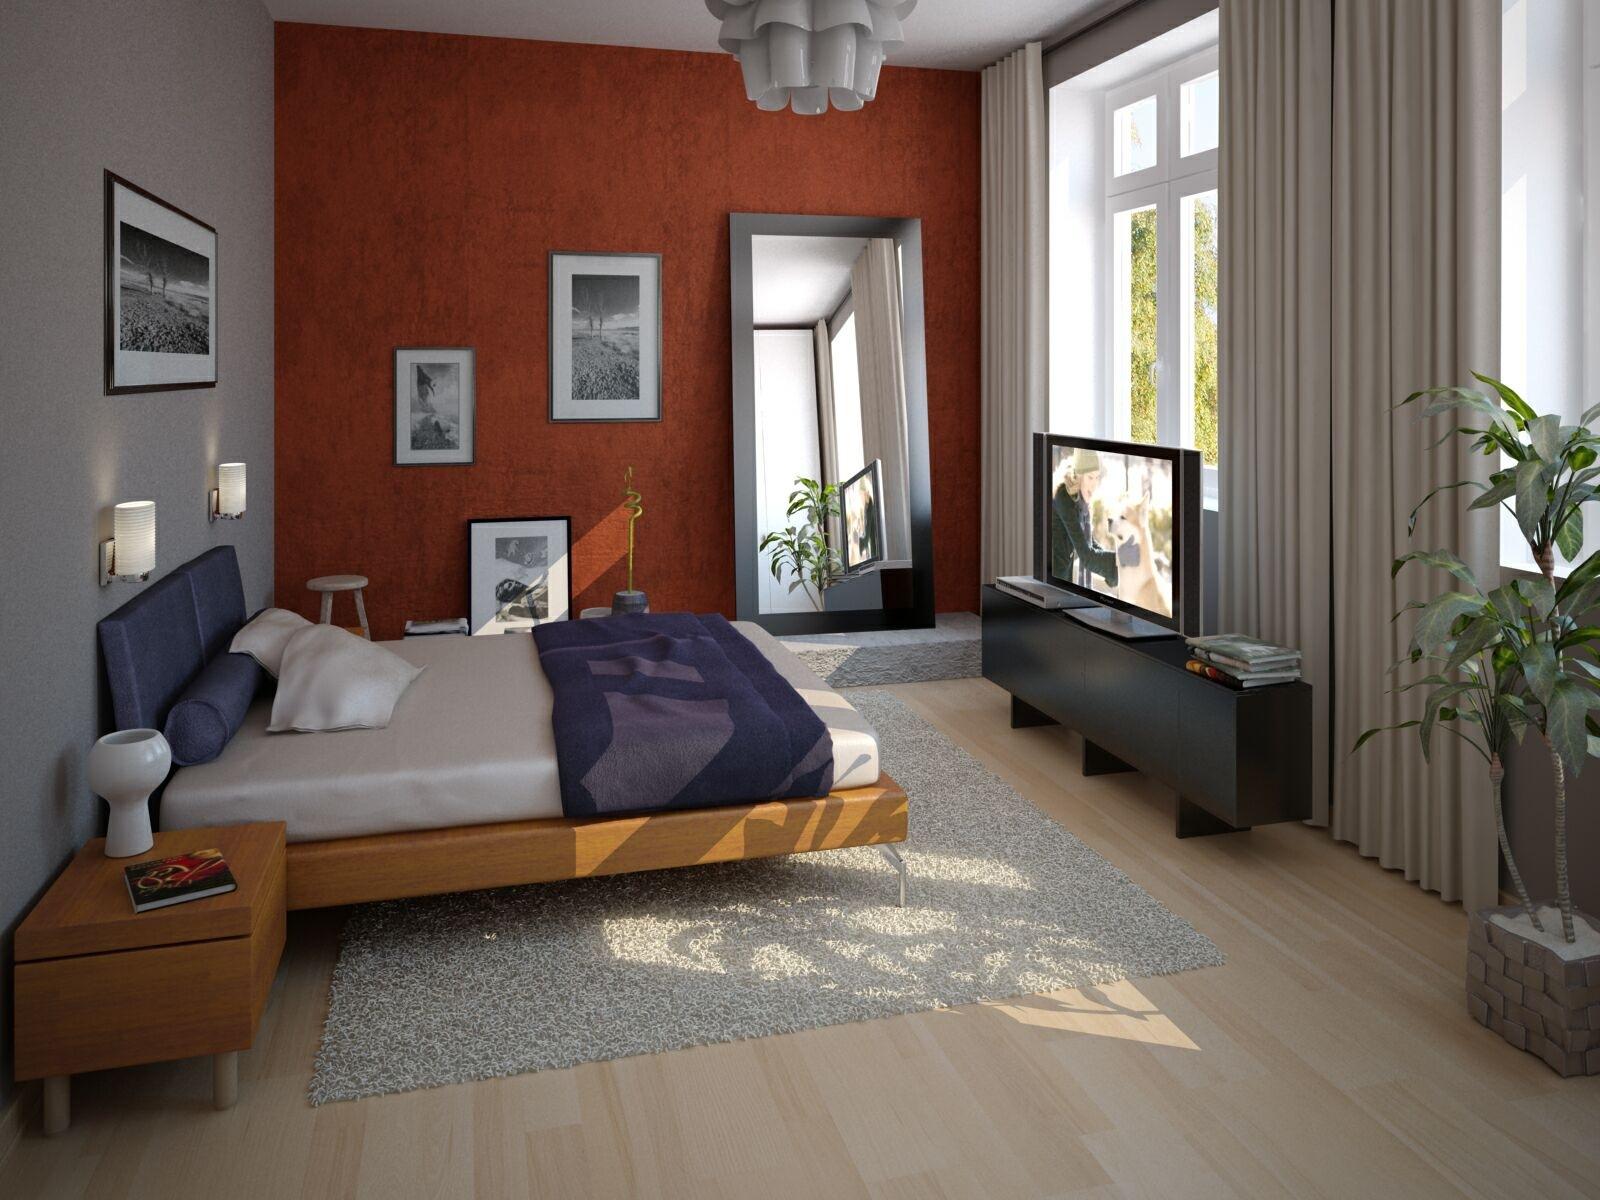 Купить эконом класс комнату квартиру в испании гмарчена